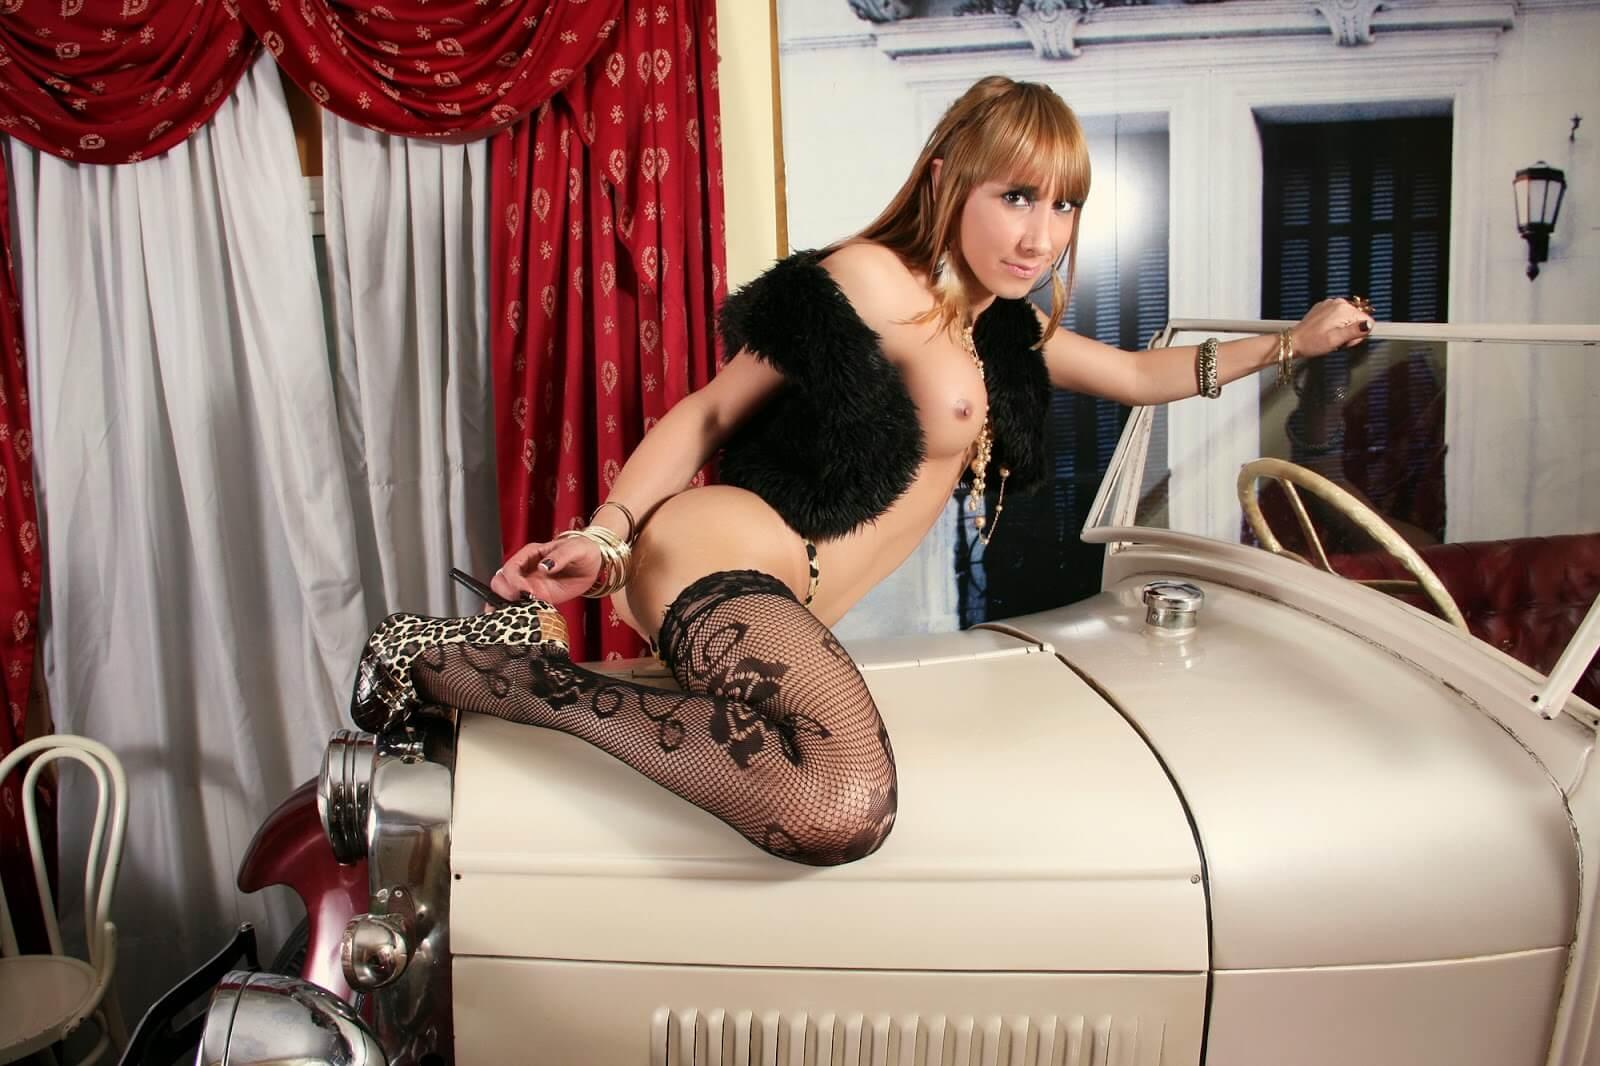 Julieta Bianco transsexual